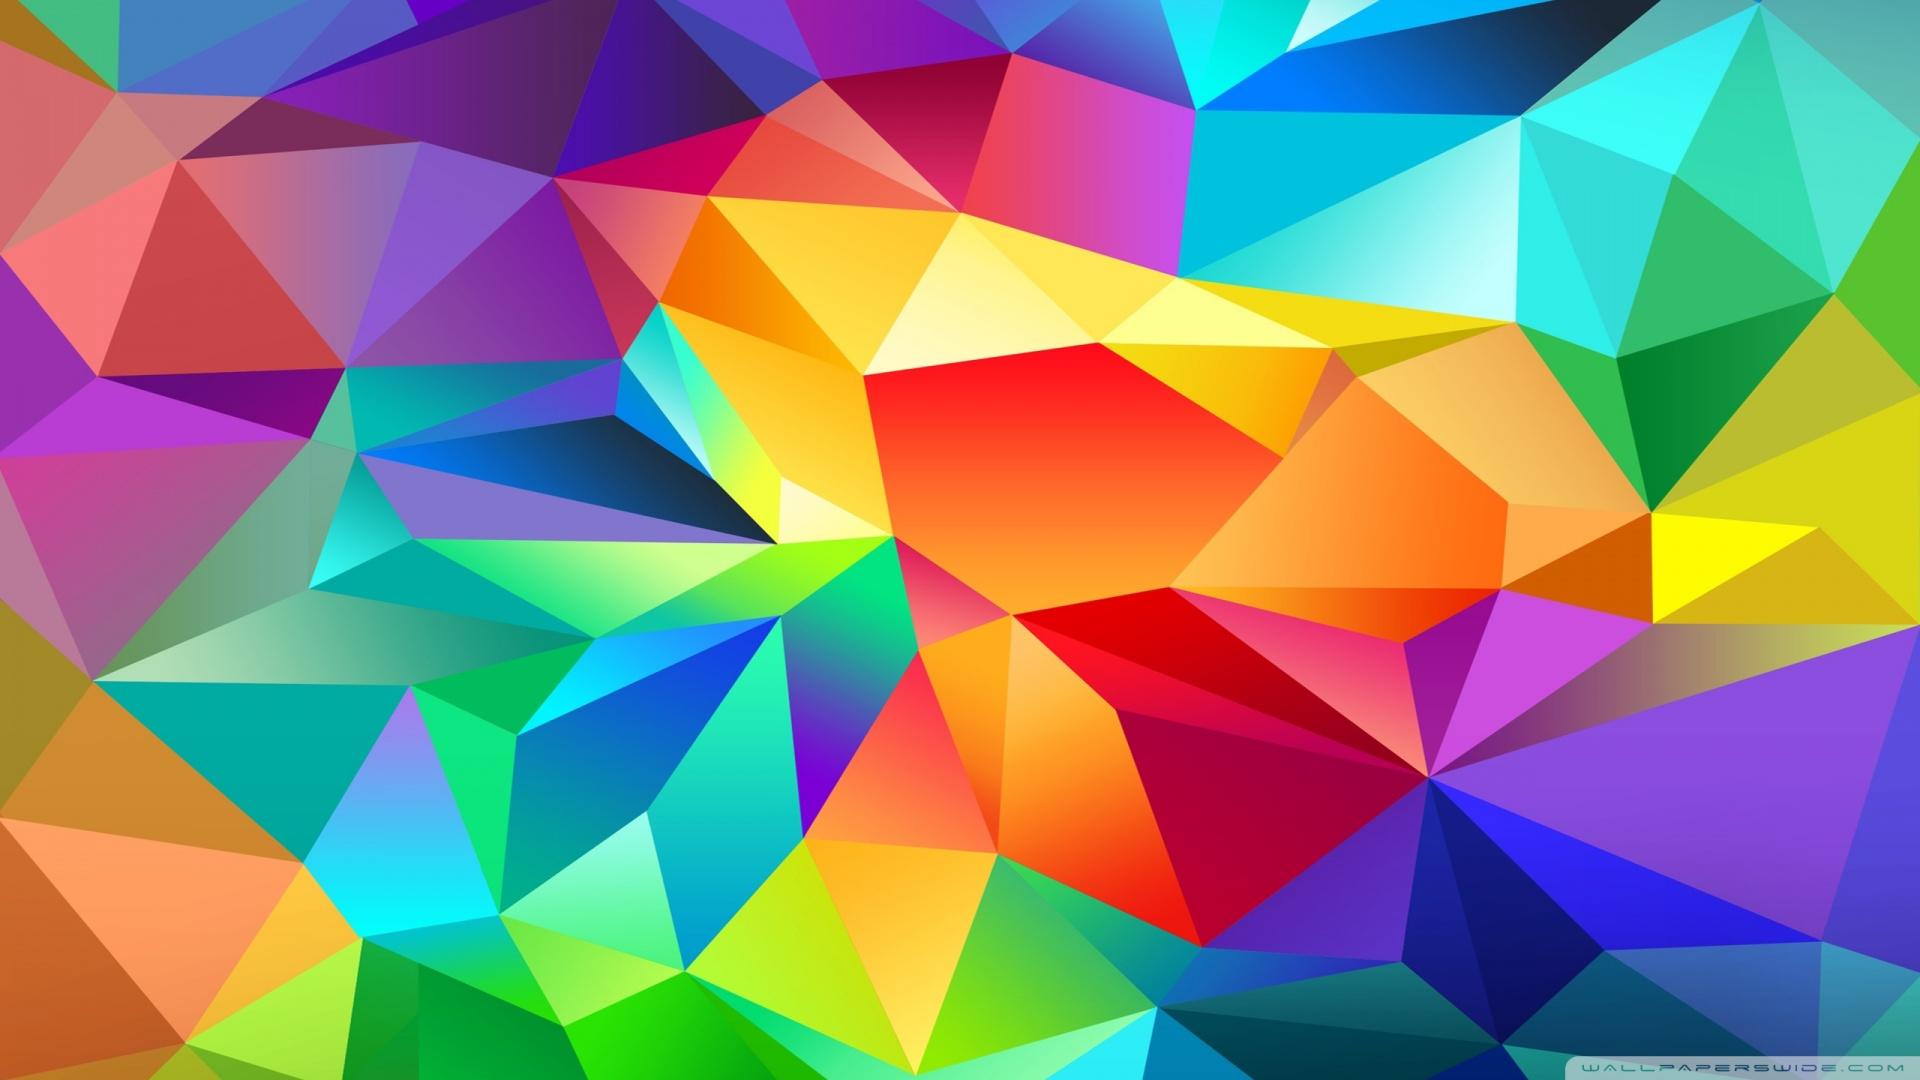 Galaxy S5 HD desktop wallpaper : Widescreen : High Definition